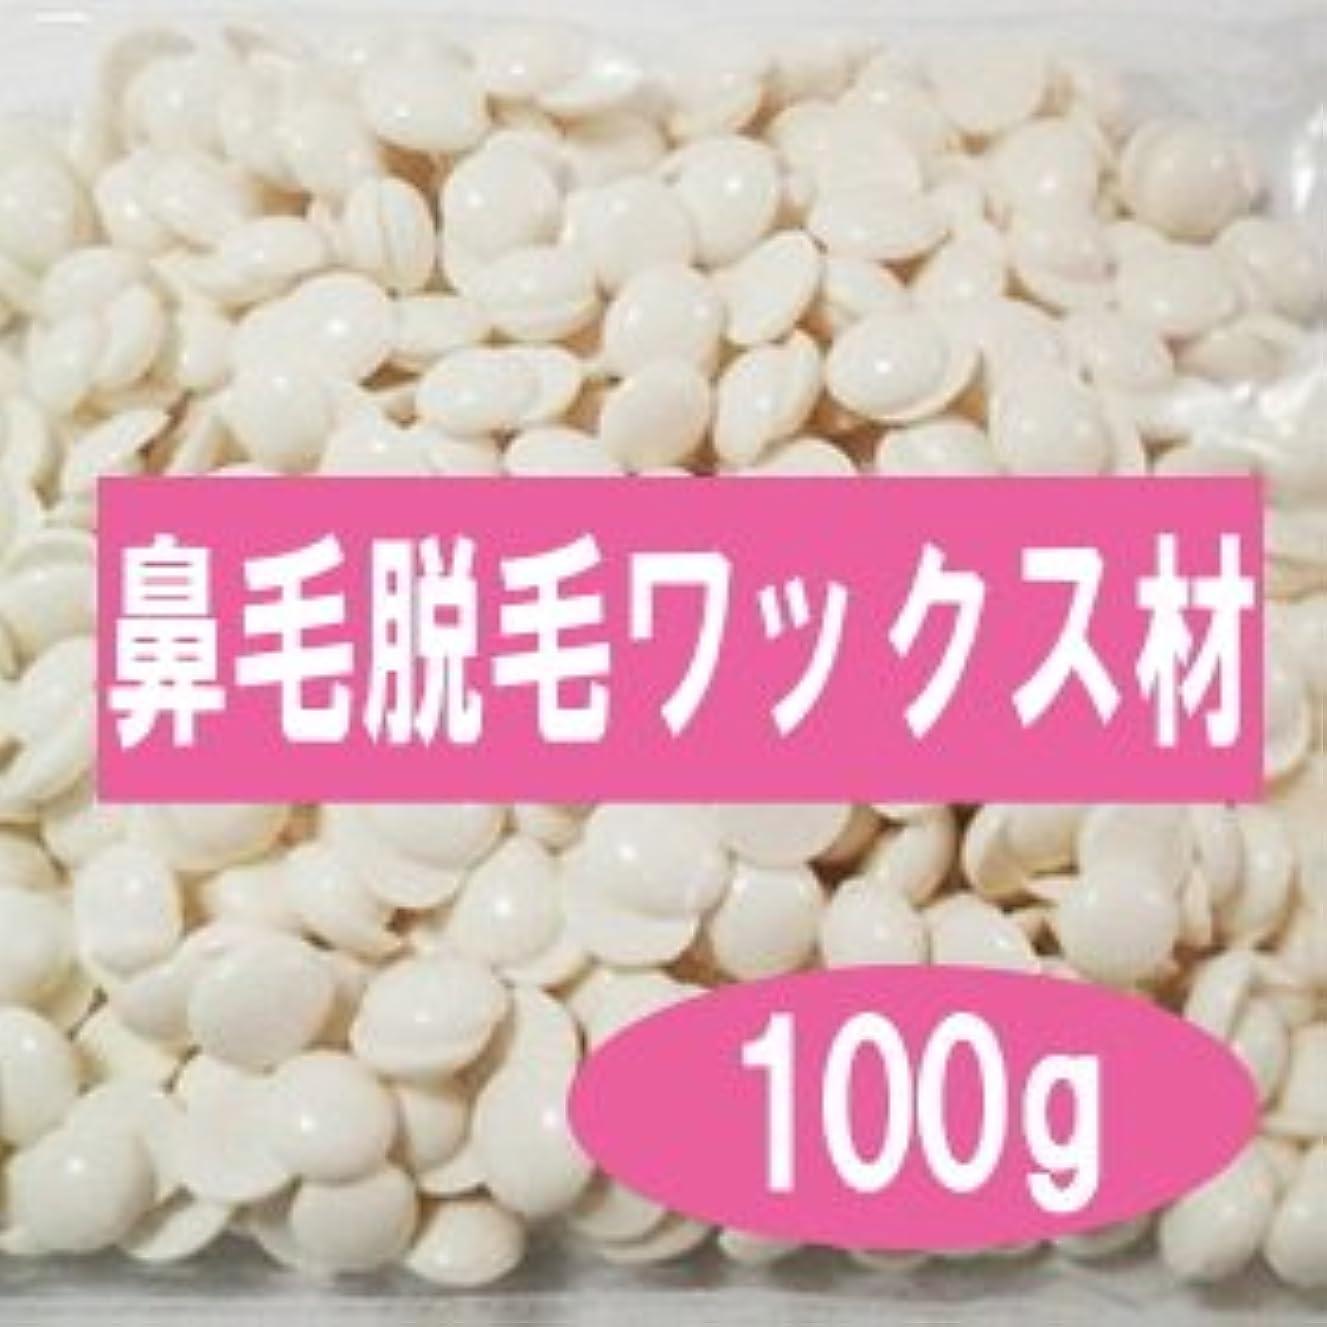 テンポラッシュわずかに【約25回分】鼻毛脱毛ワックス材(ノーズワックス材) 100g